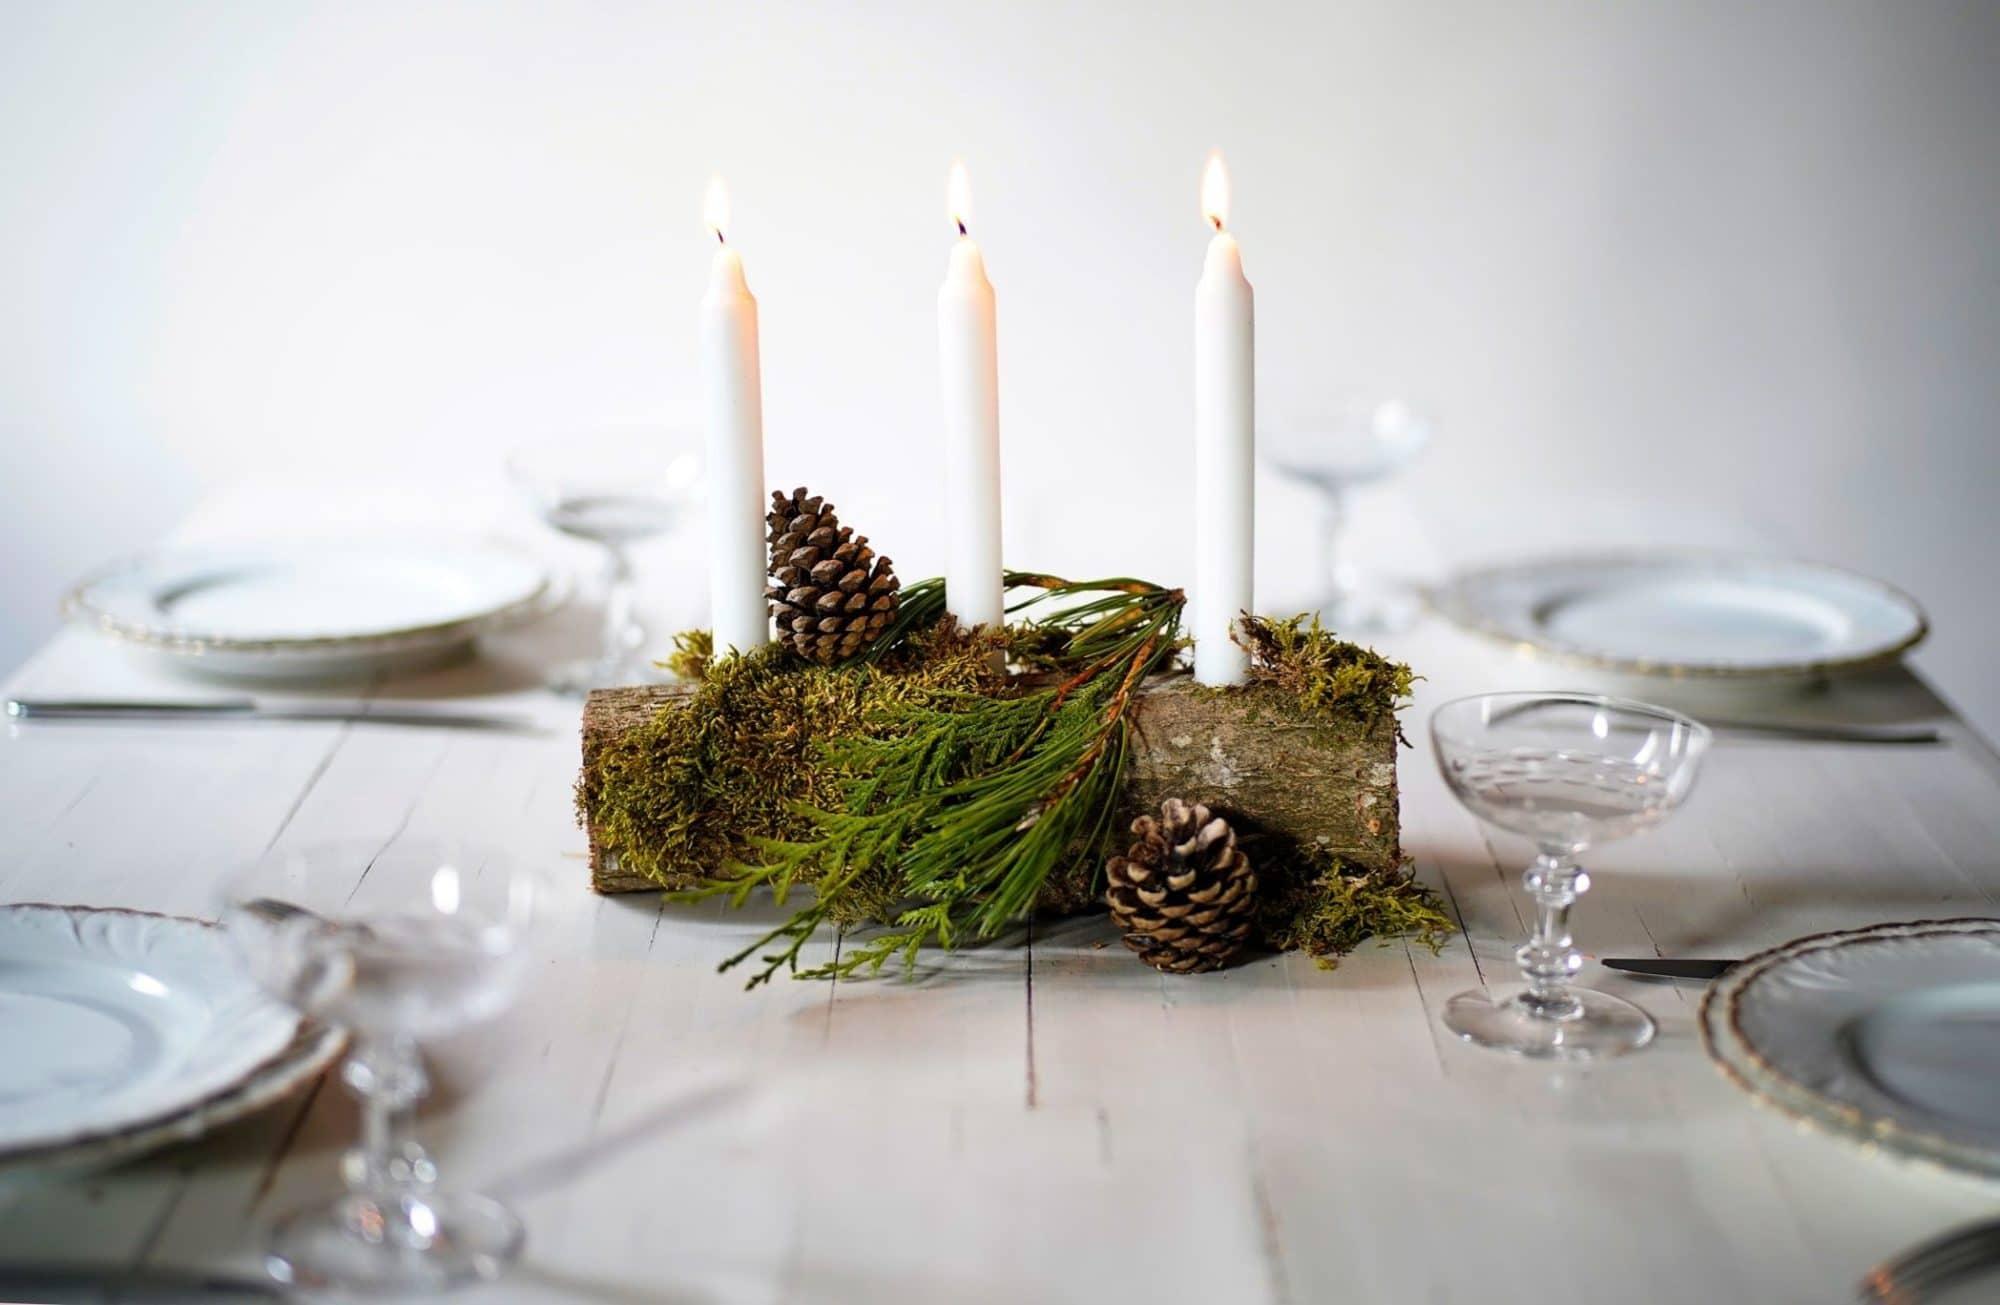 Créer un bougeoir naturel avec une bûche pour Noël